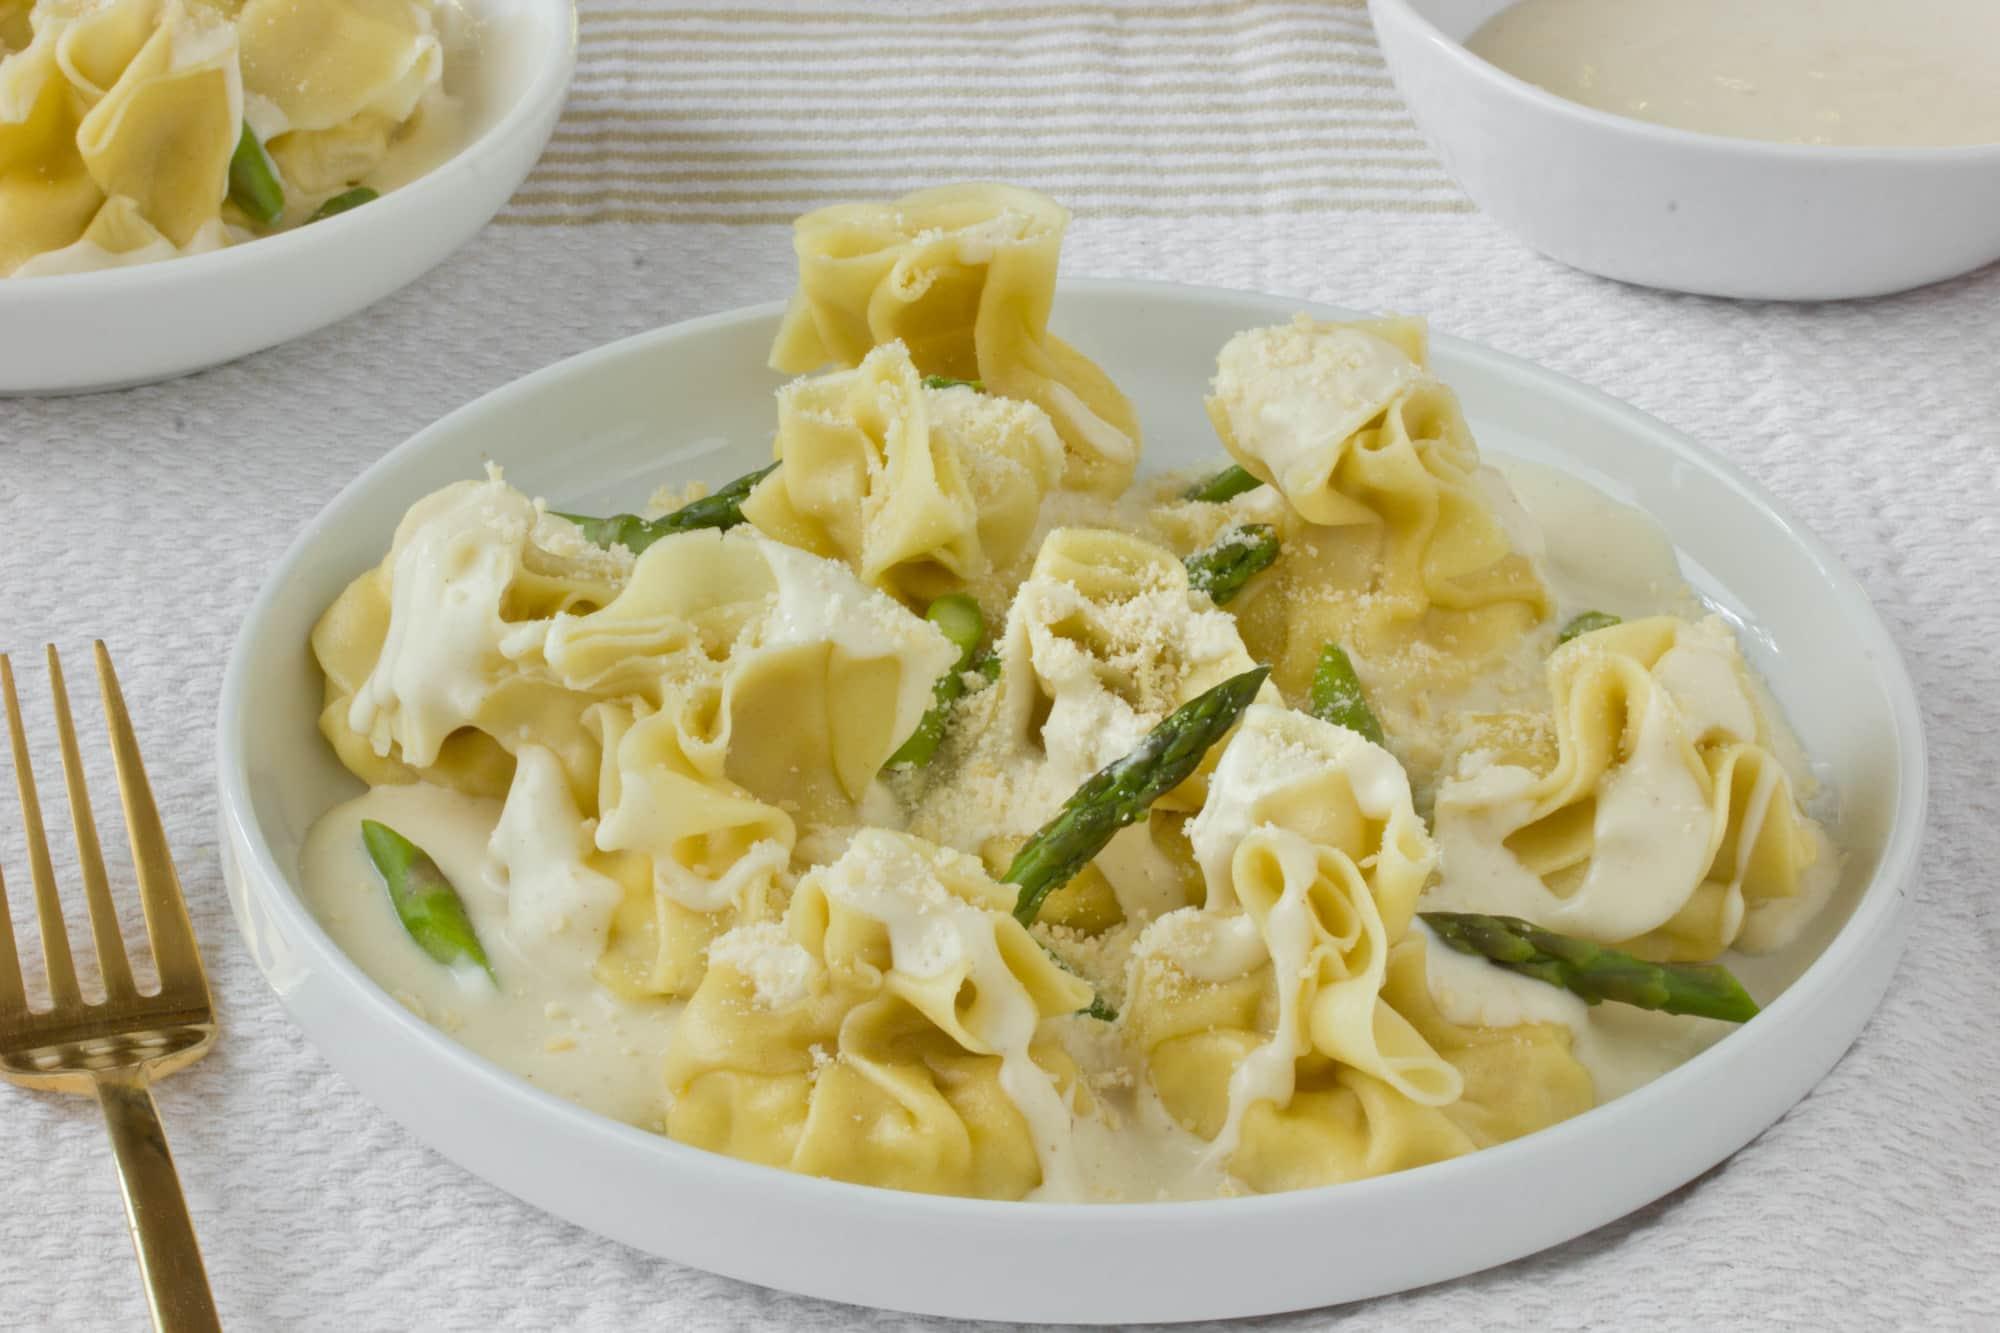 Italian Recipe: Fiocchetti with Pears and Parmesan Cream